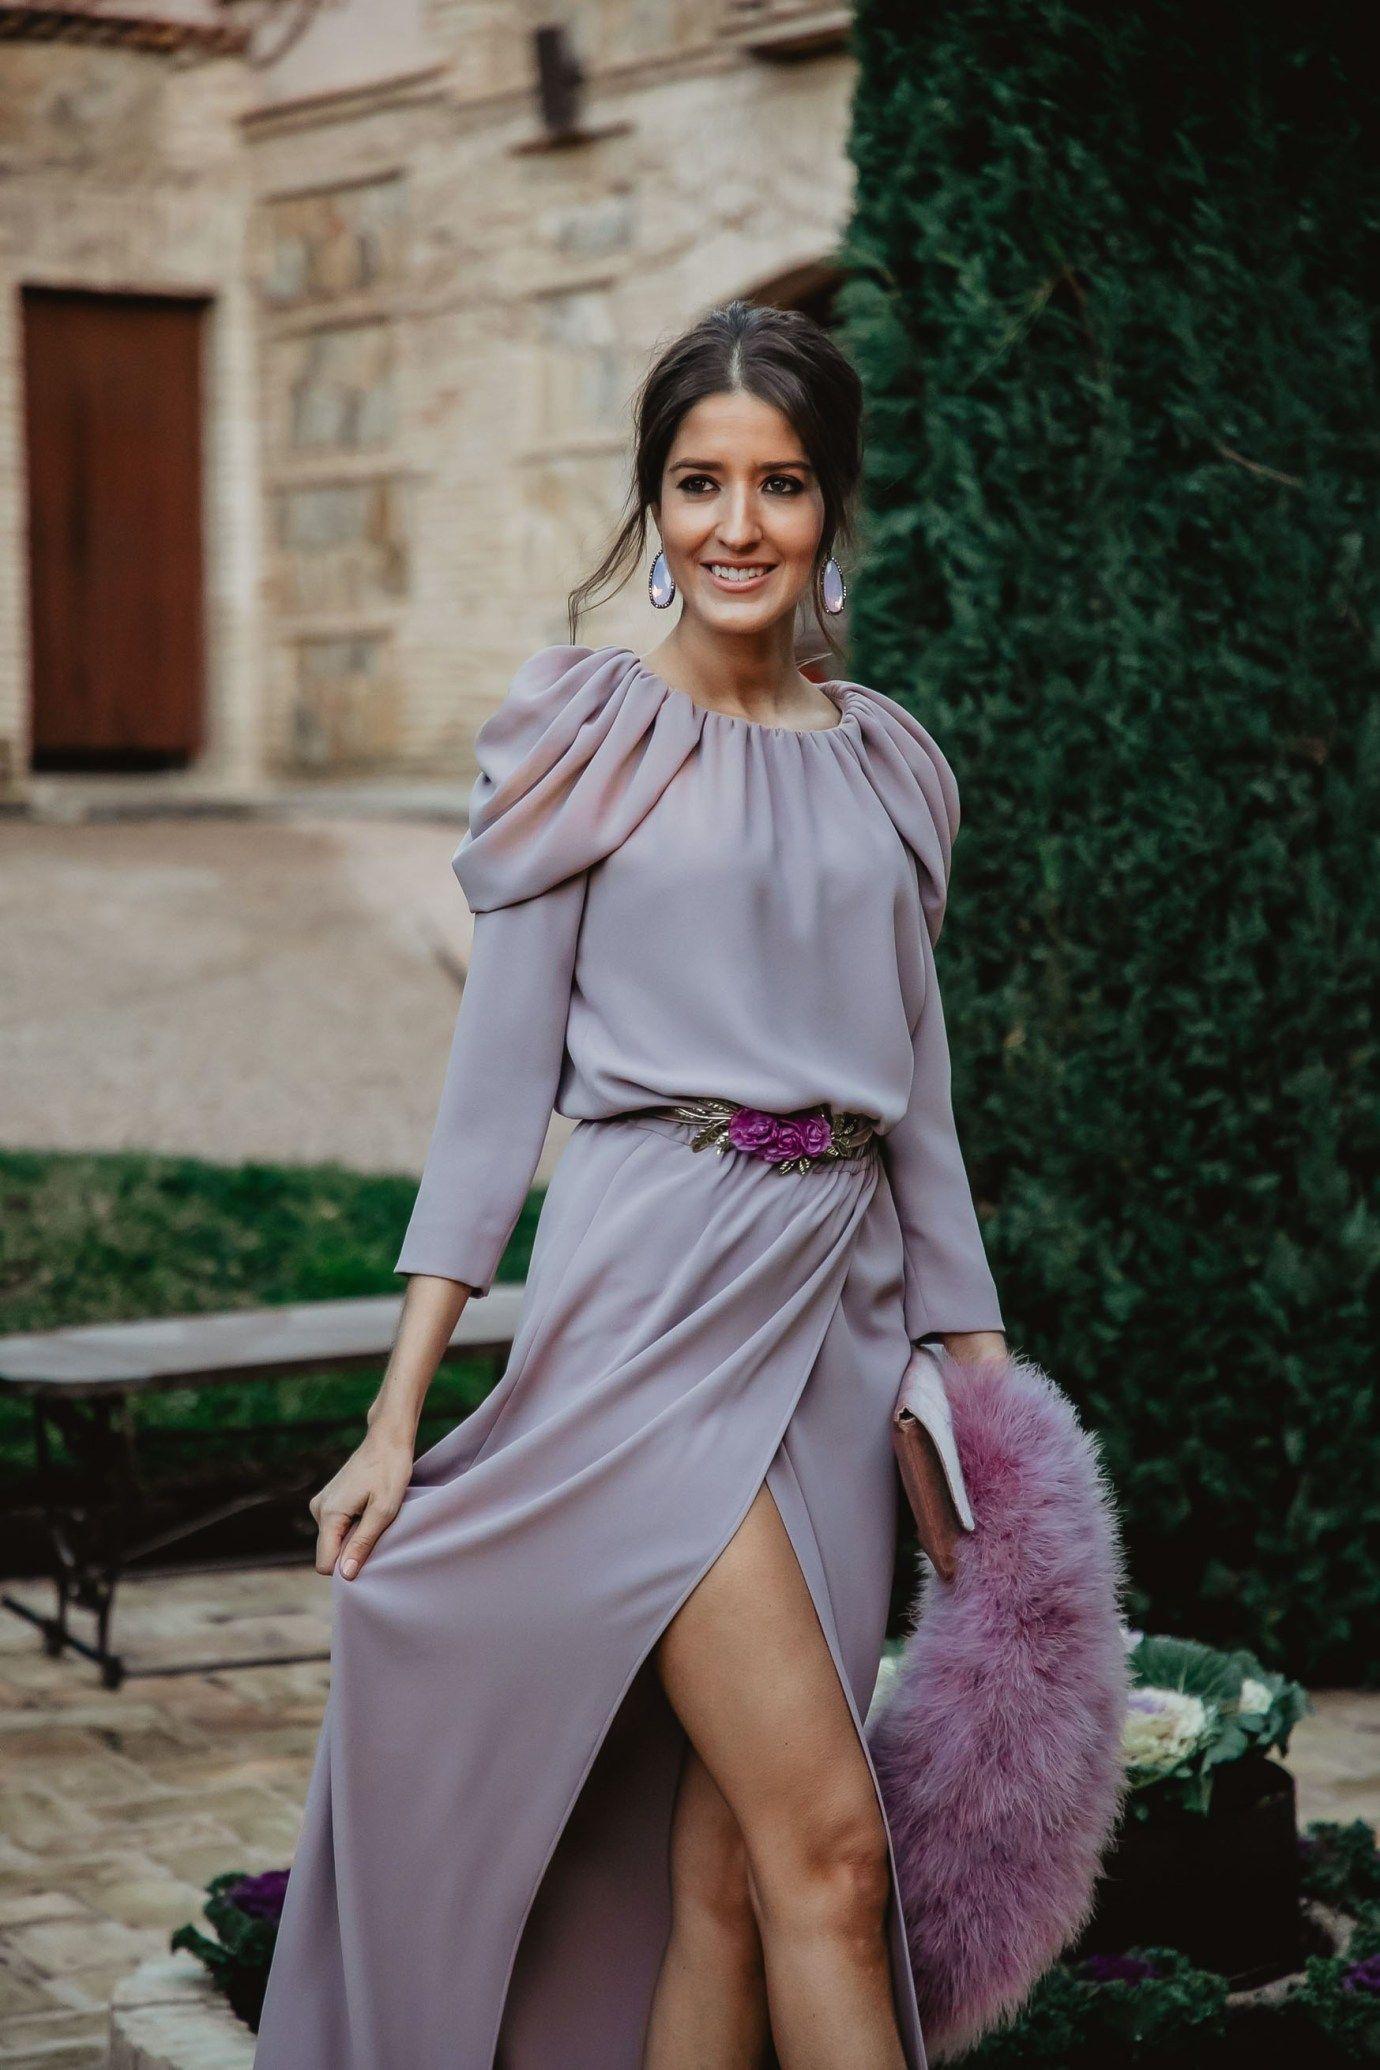 Vestidos para boda de dia en invierno 2019